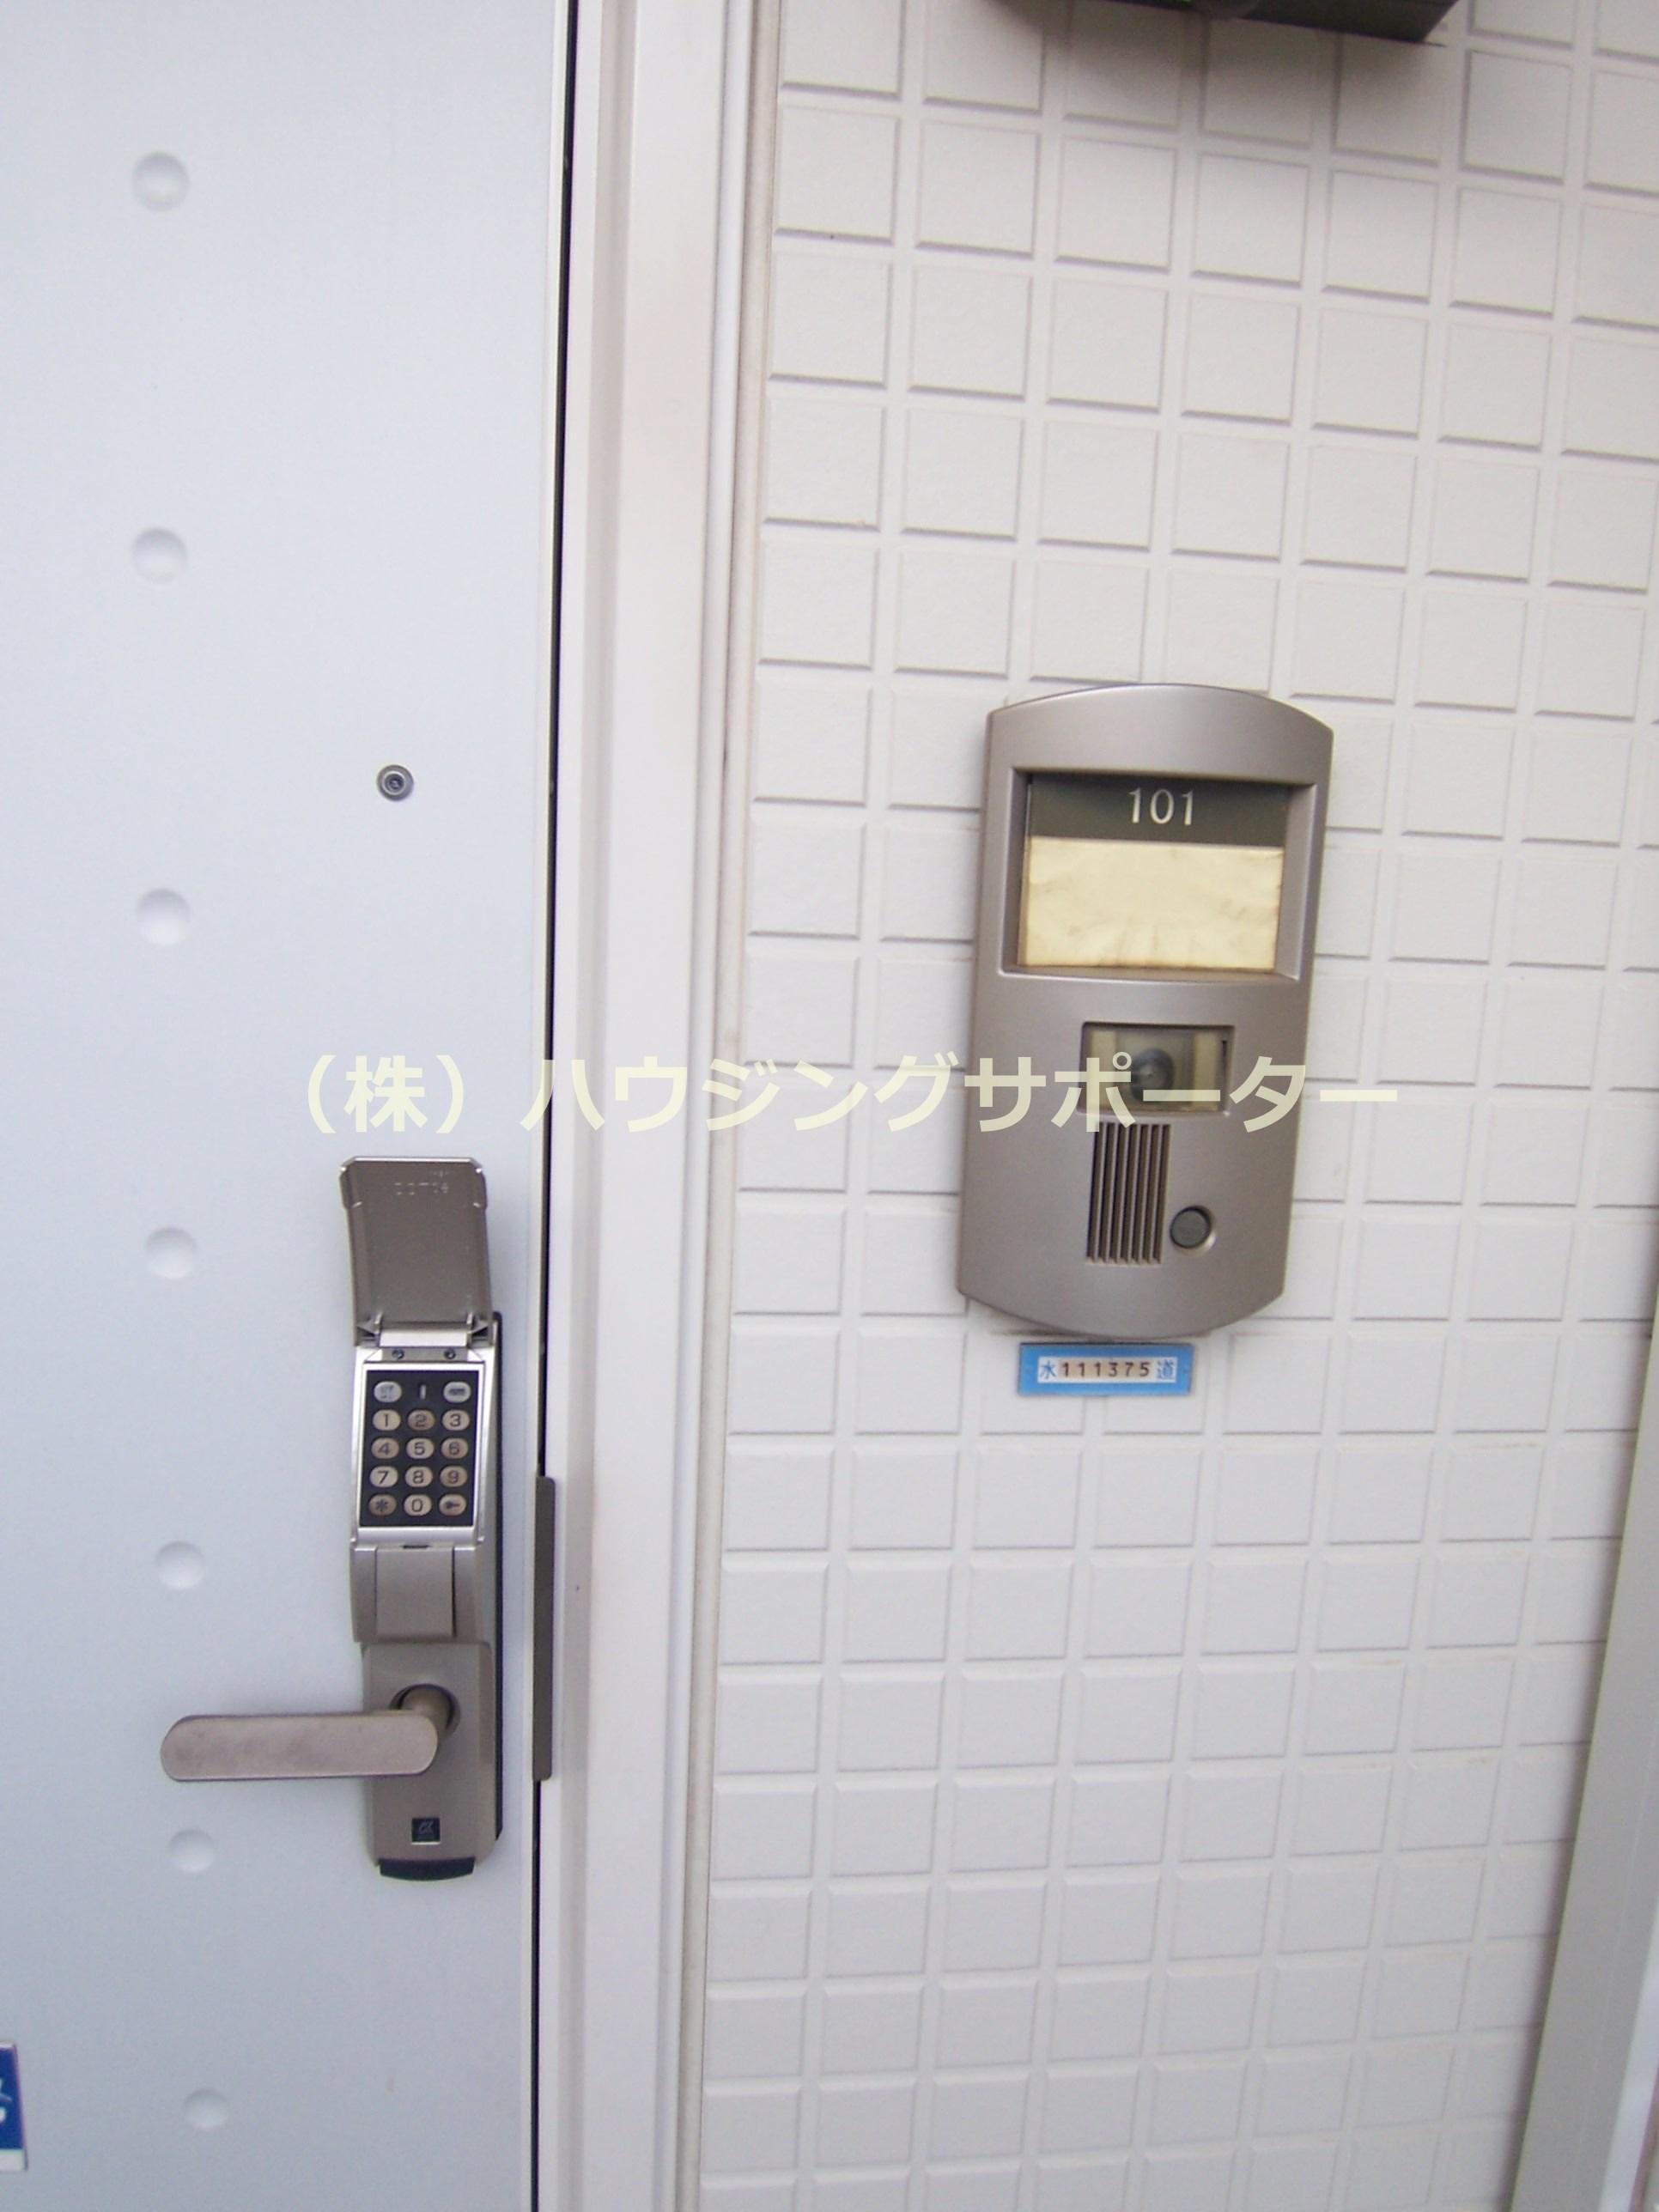 玄関デジタルロックです